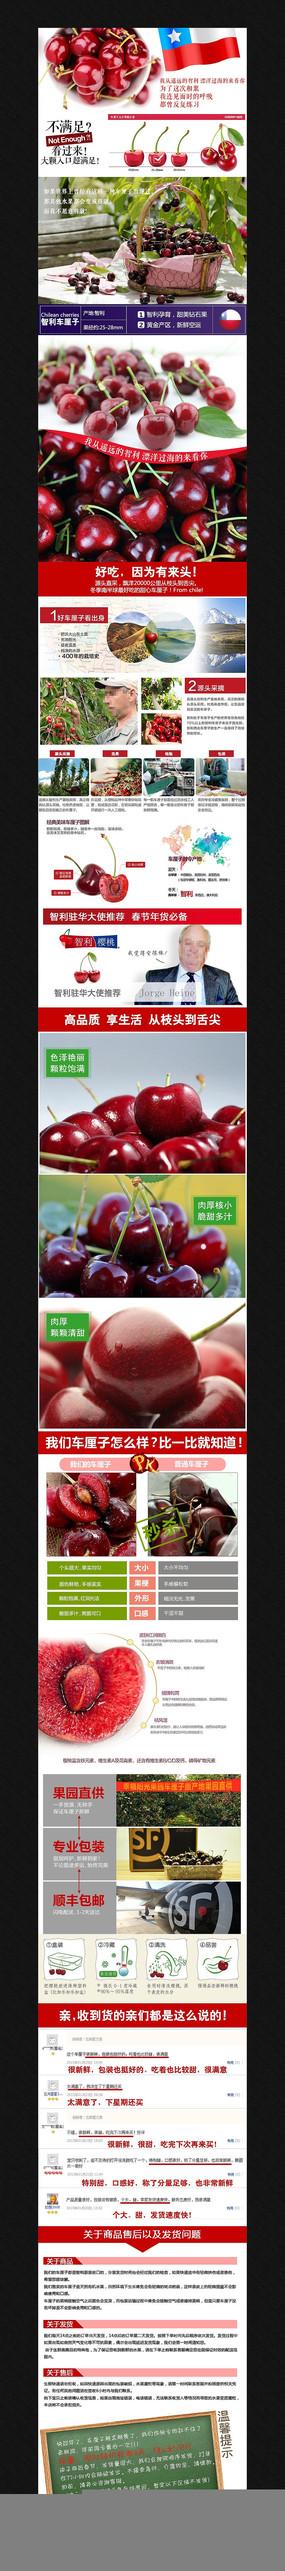 淘宝水果樱桃详情页 PSD